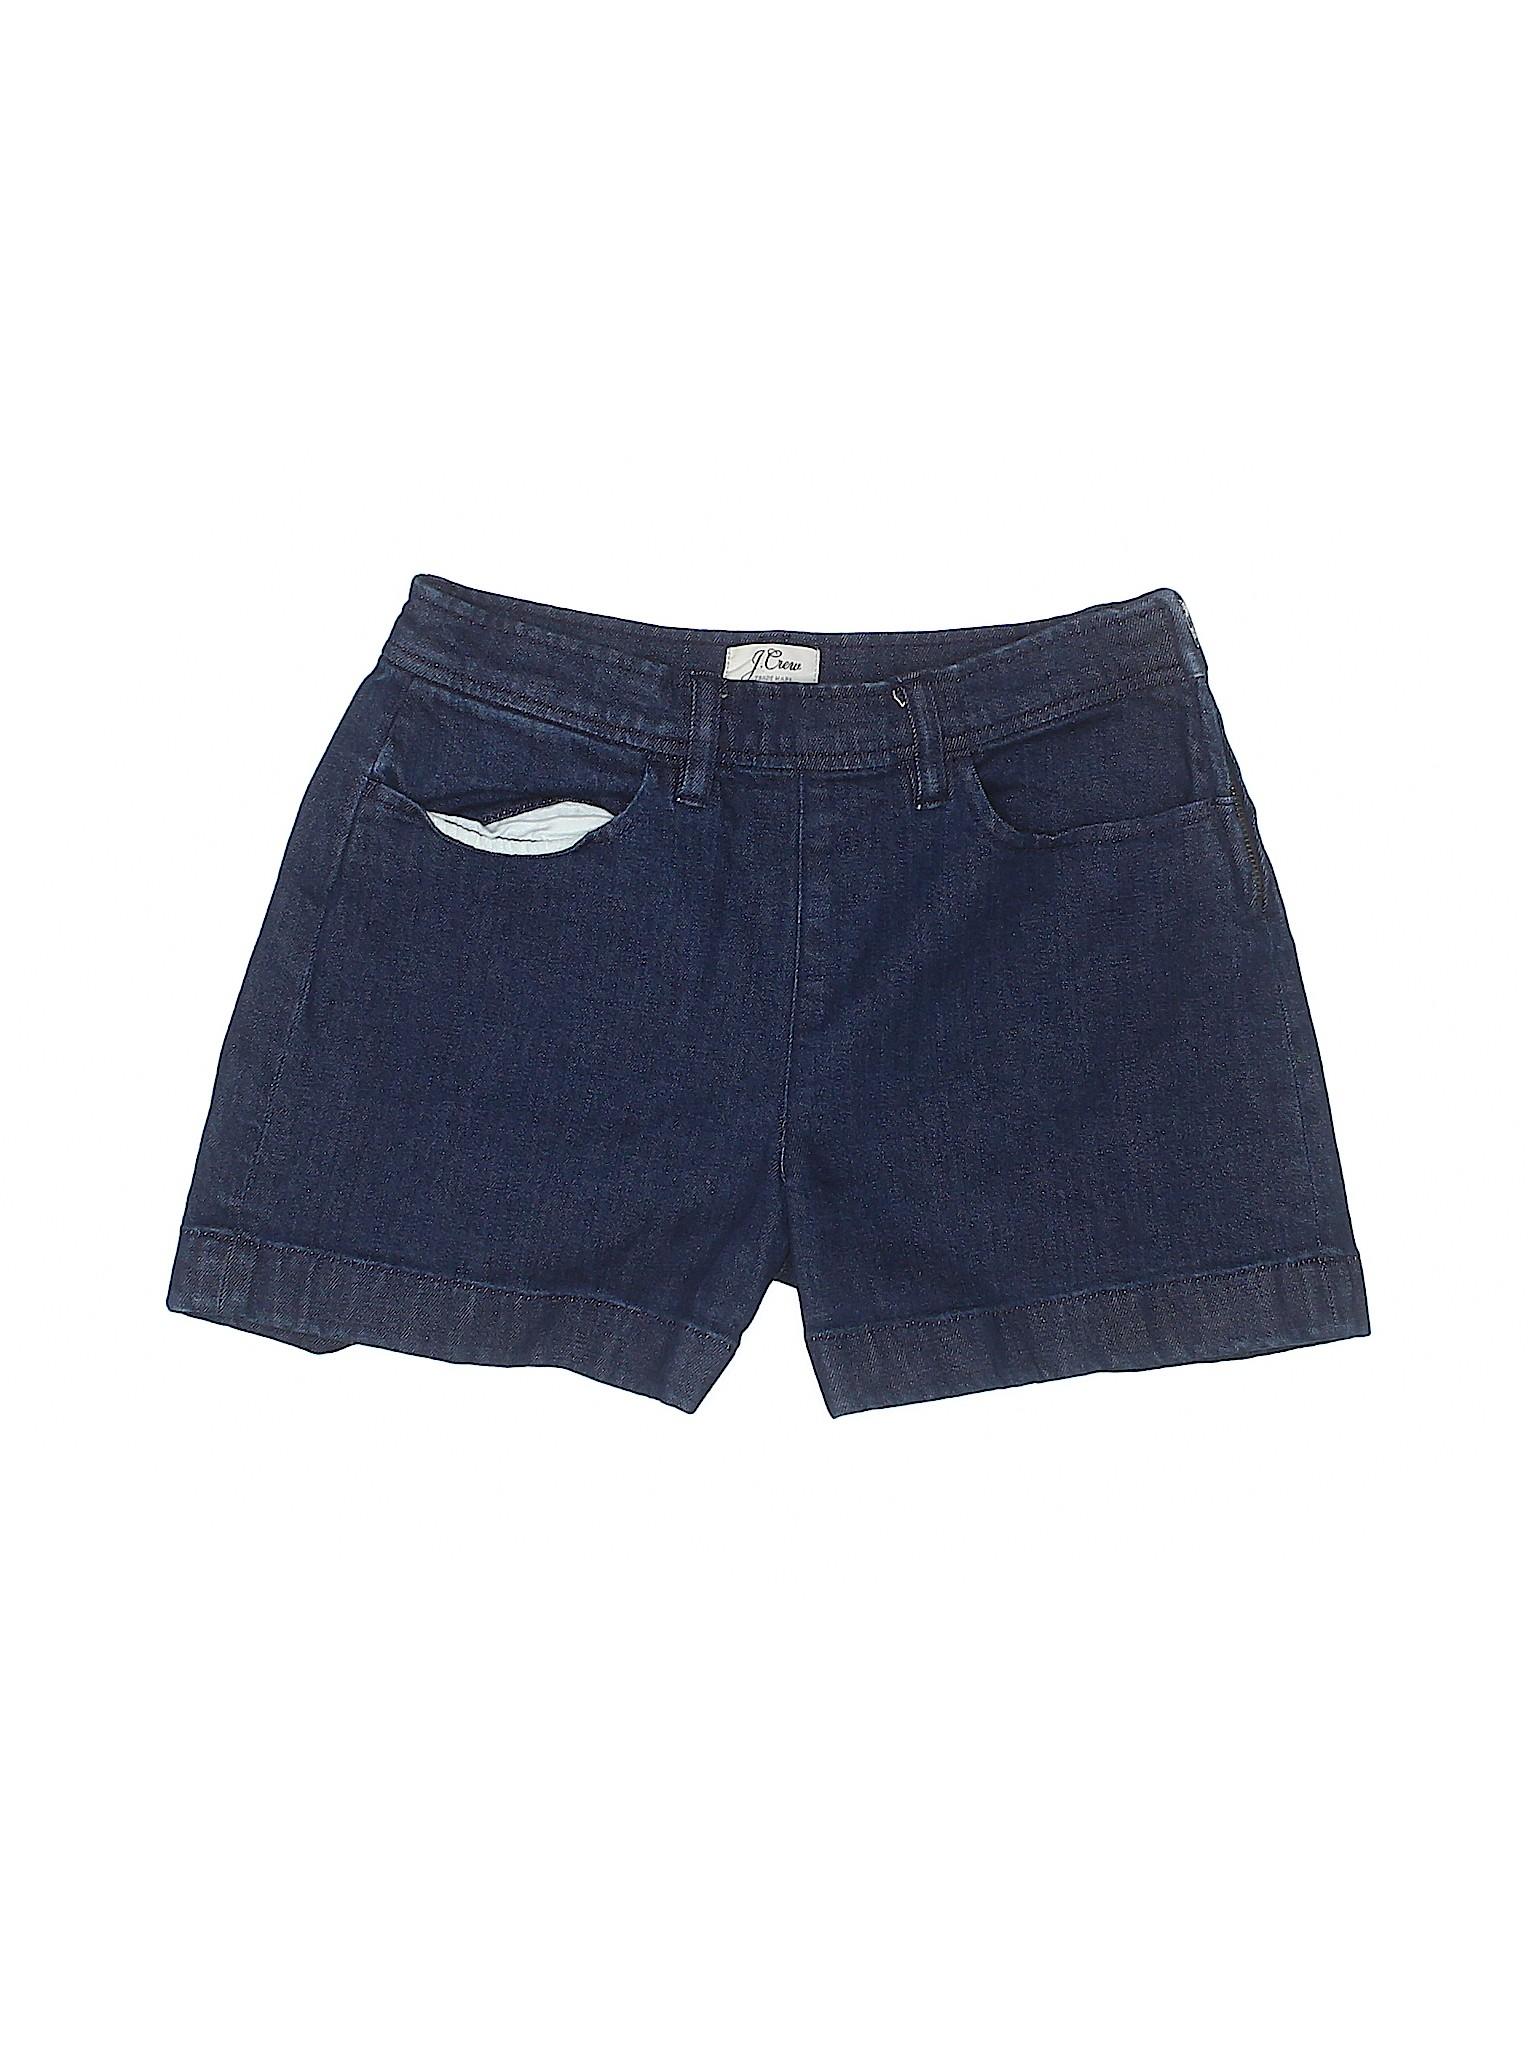 J Boutique Shorts Boutique J Denim Crew Shorts Boutique Denim Crew wCpRCBqY